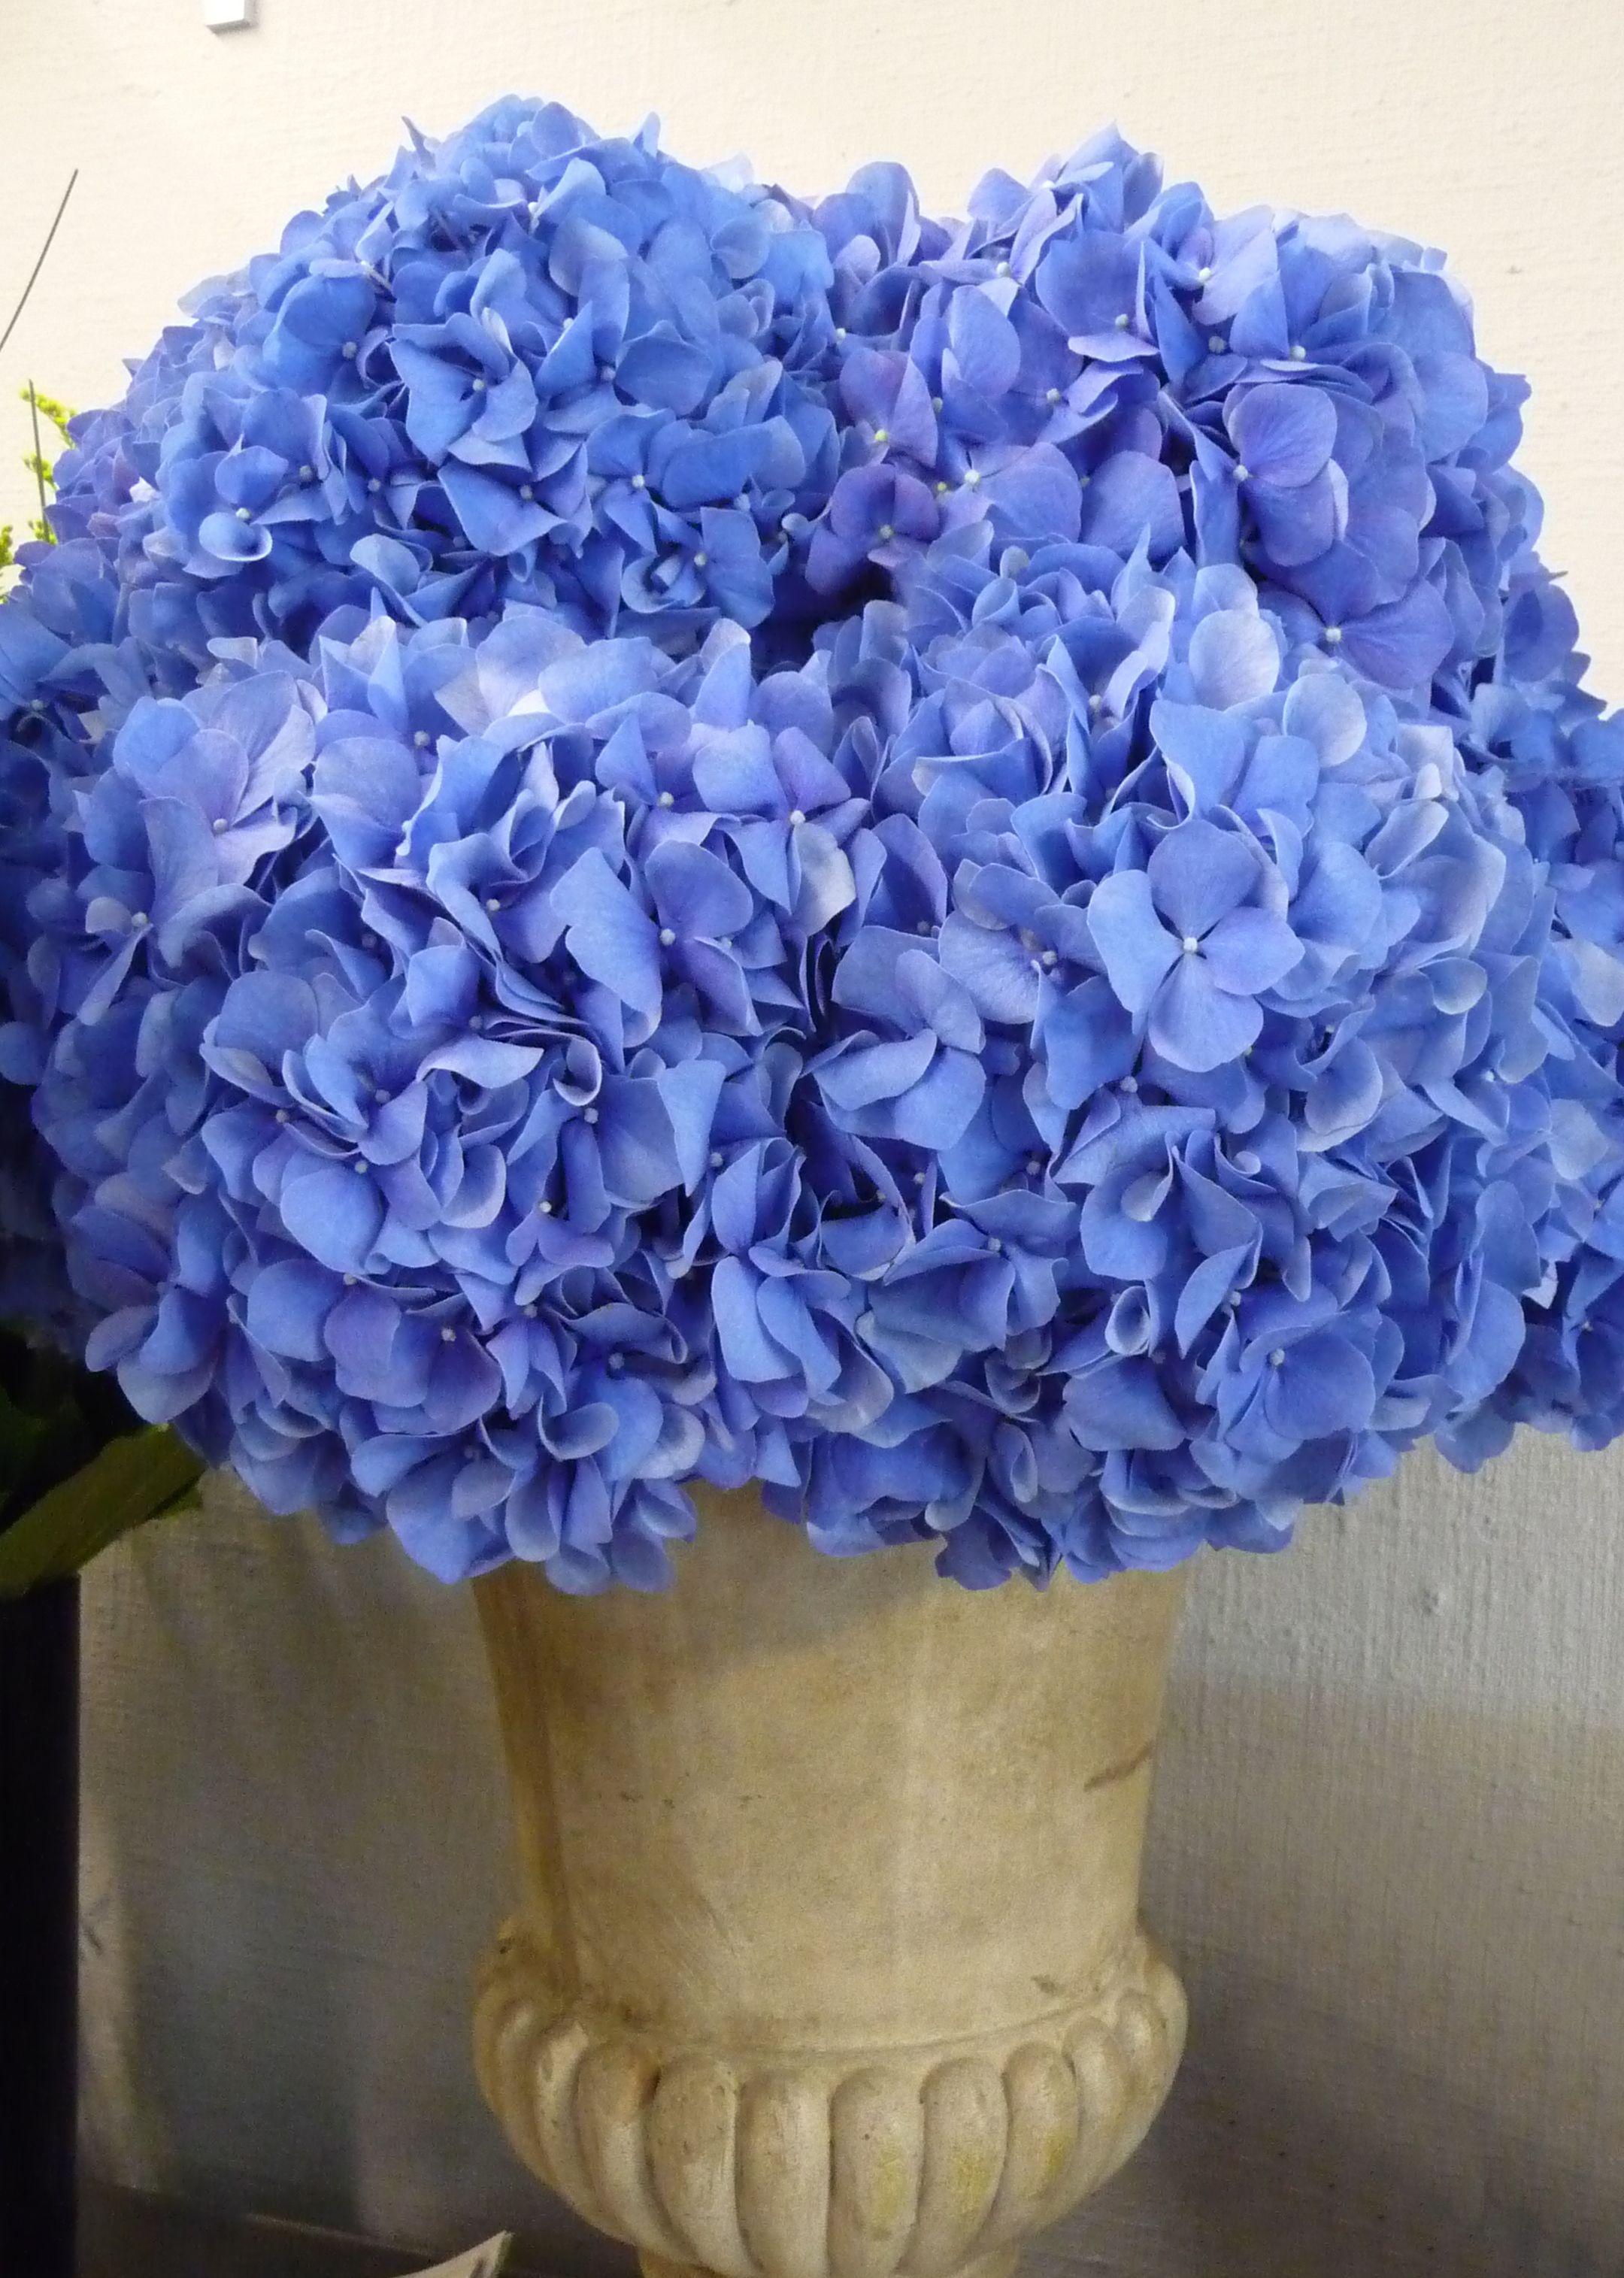 Blue hydrangea heads in an urn for a wedding reception